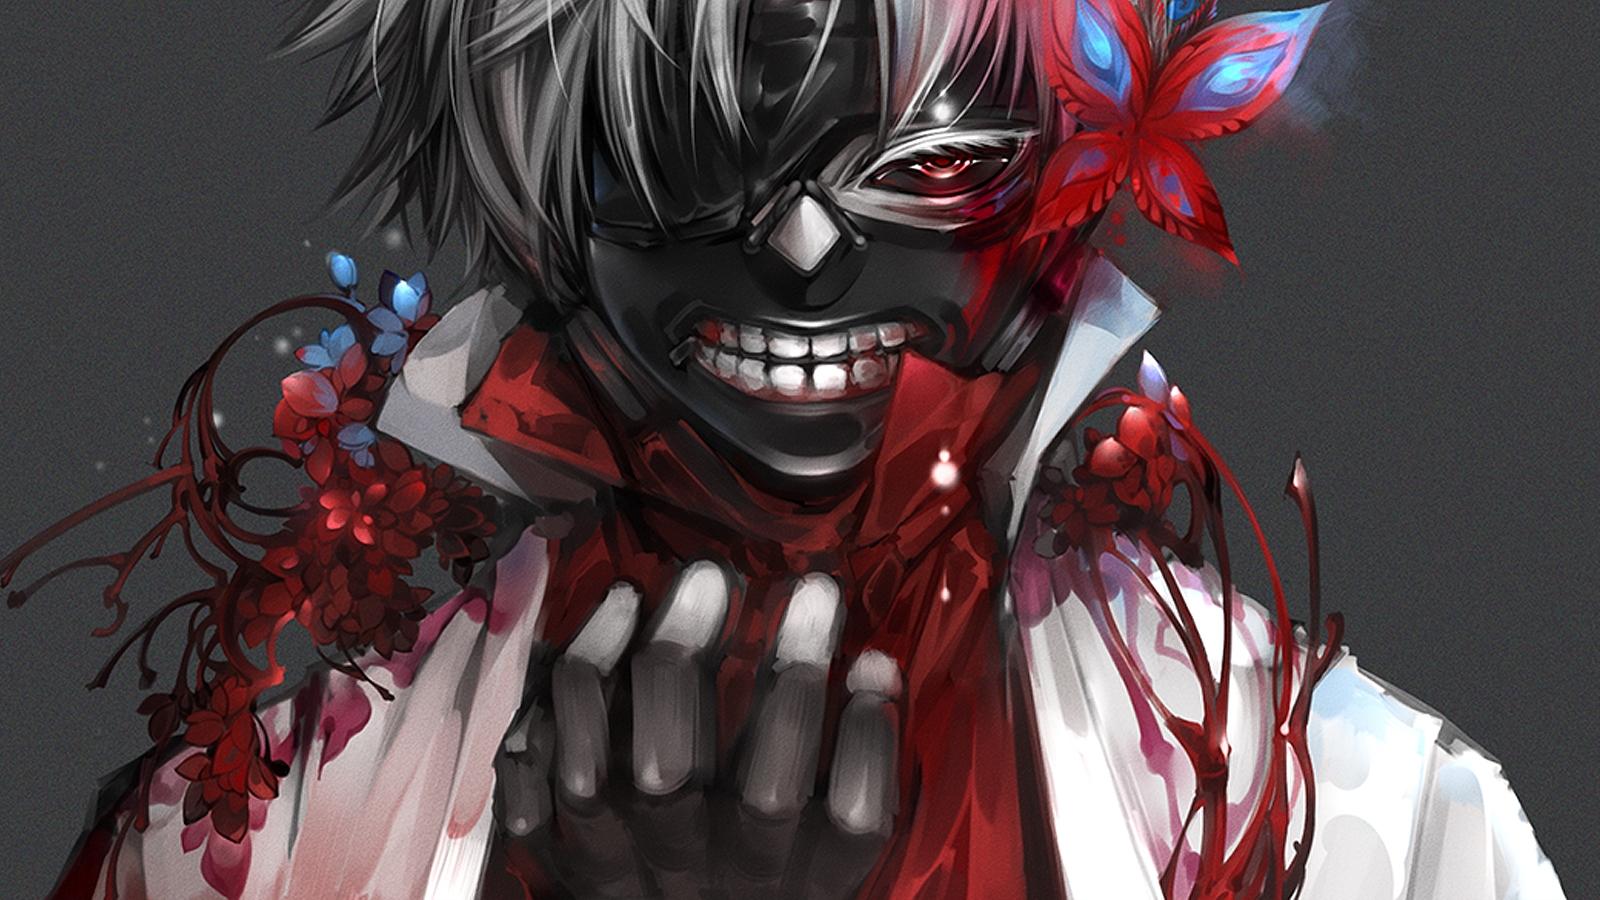 Tokyo Ghoul Wallpaper 1600x900 - WallpaperSafari